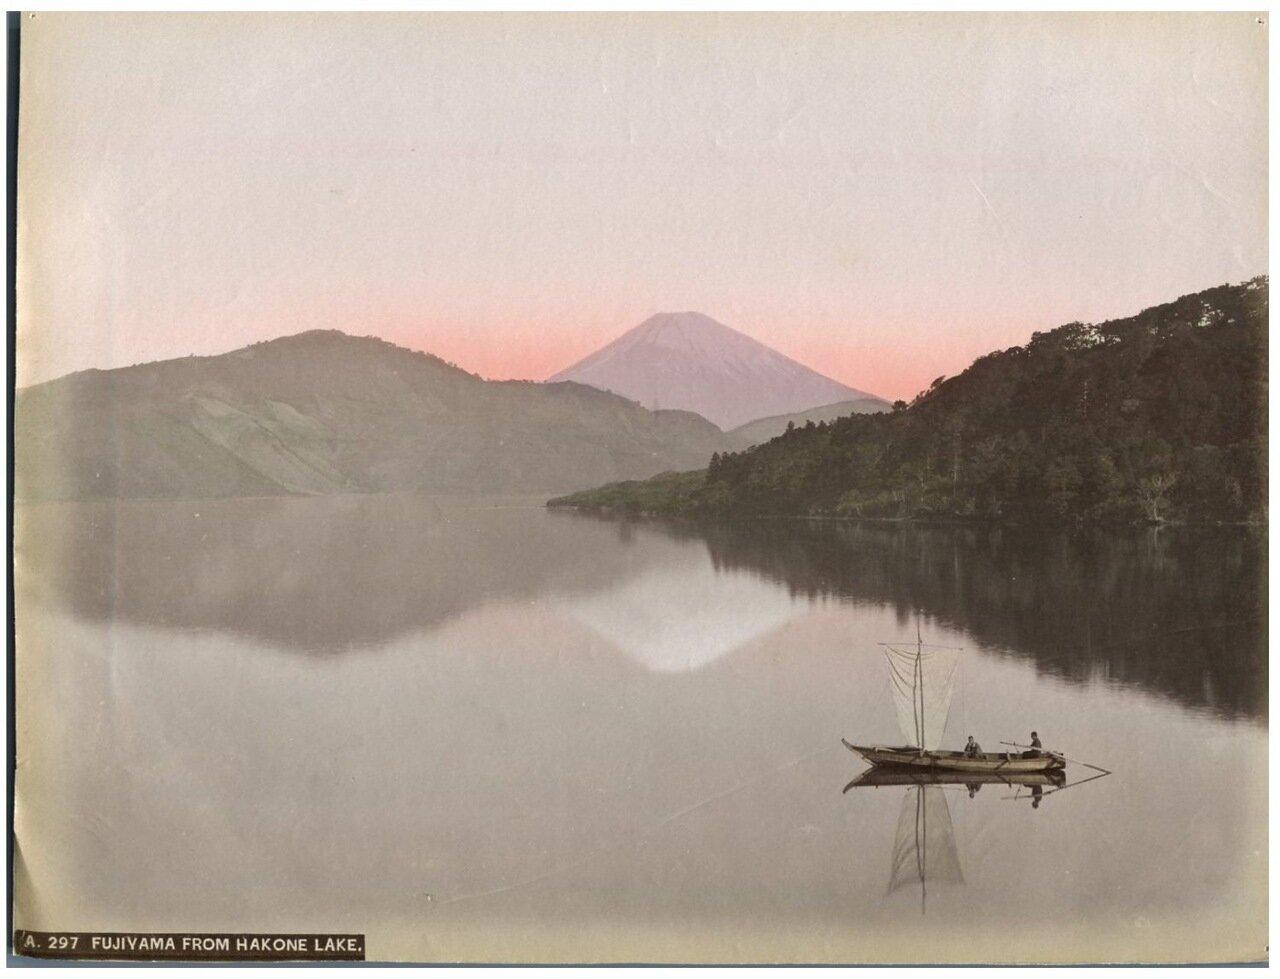 Фудзияма с озера Хаконе